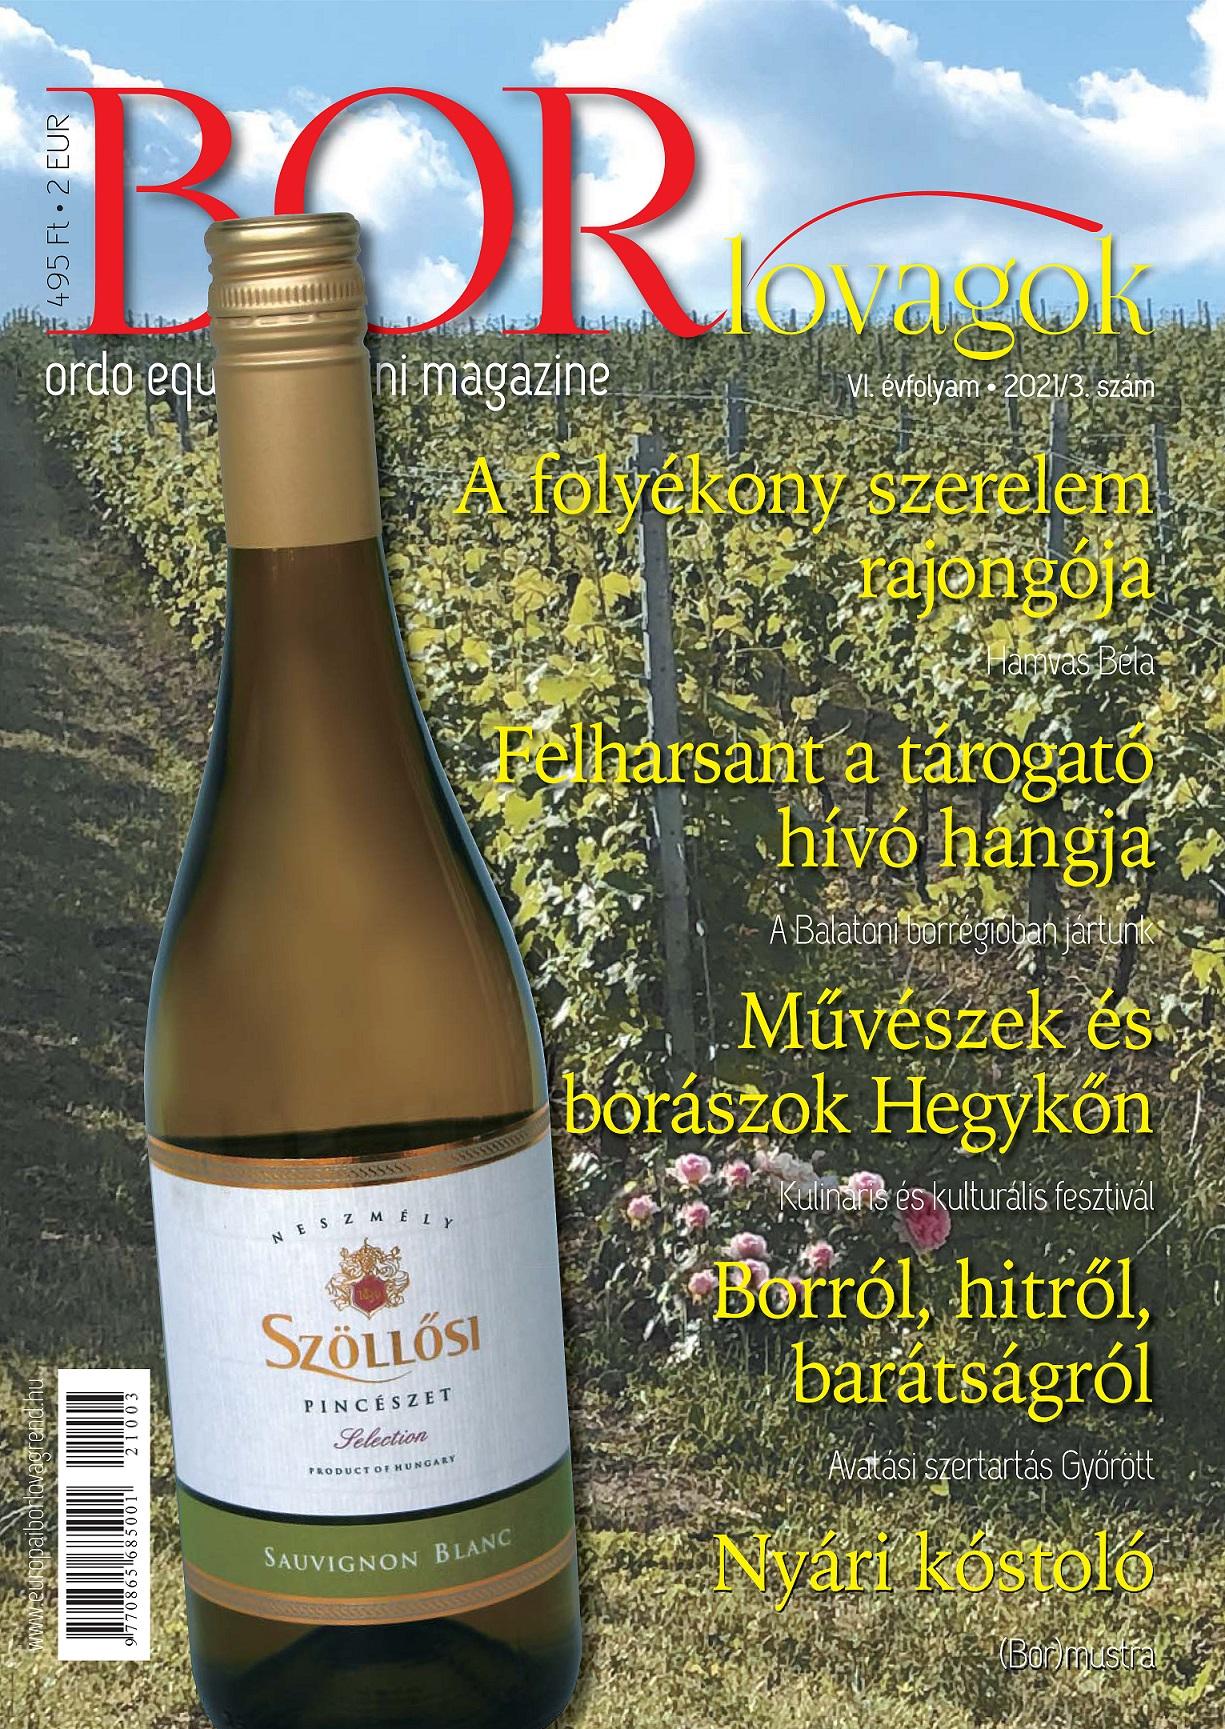 MEGJELENT A BORLOVAGOK Magazin 2021/3